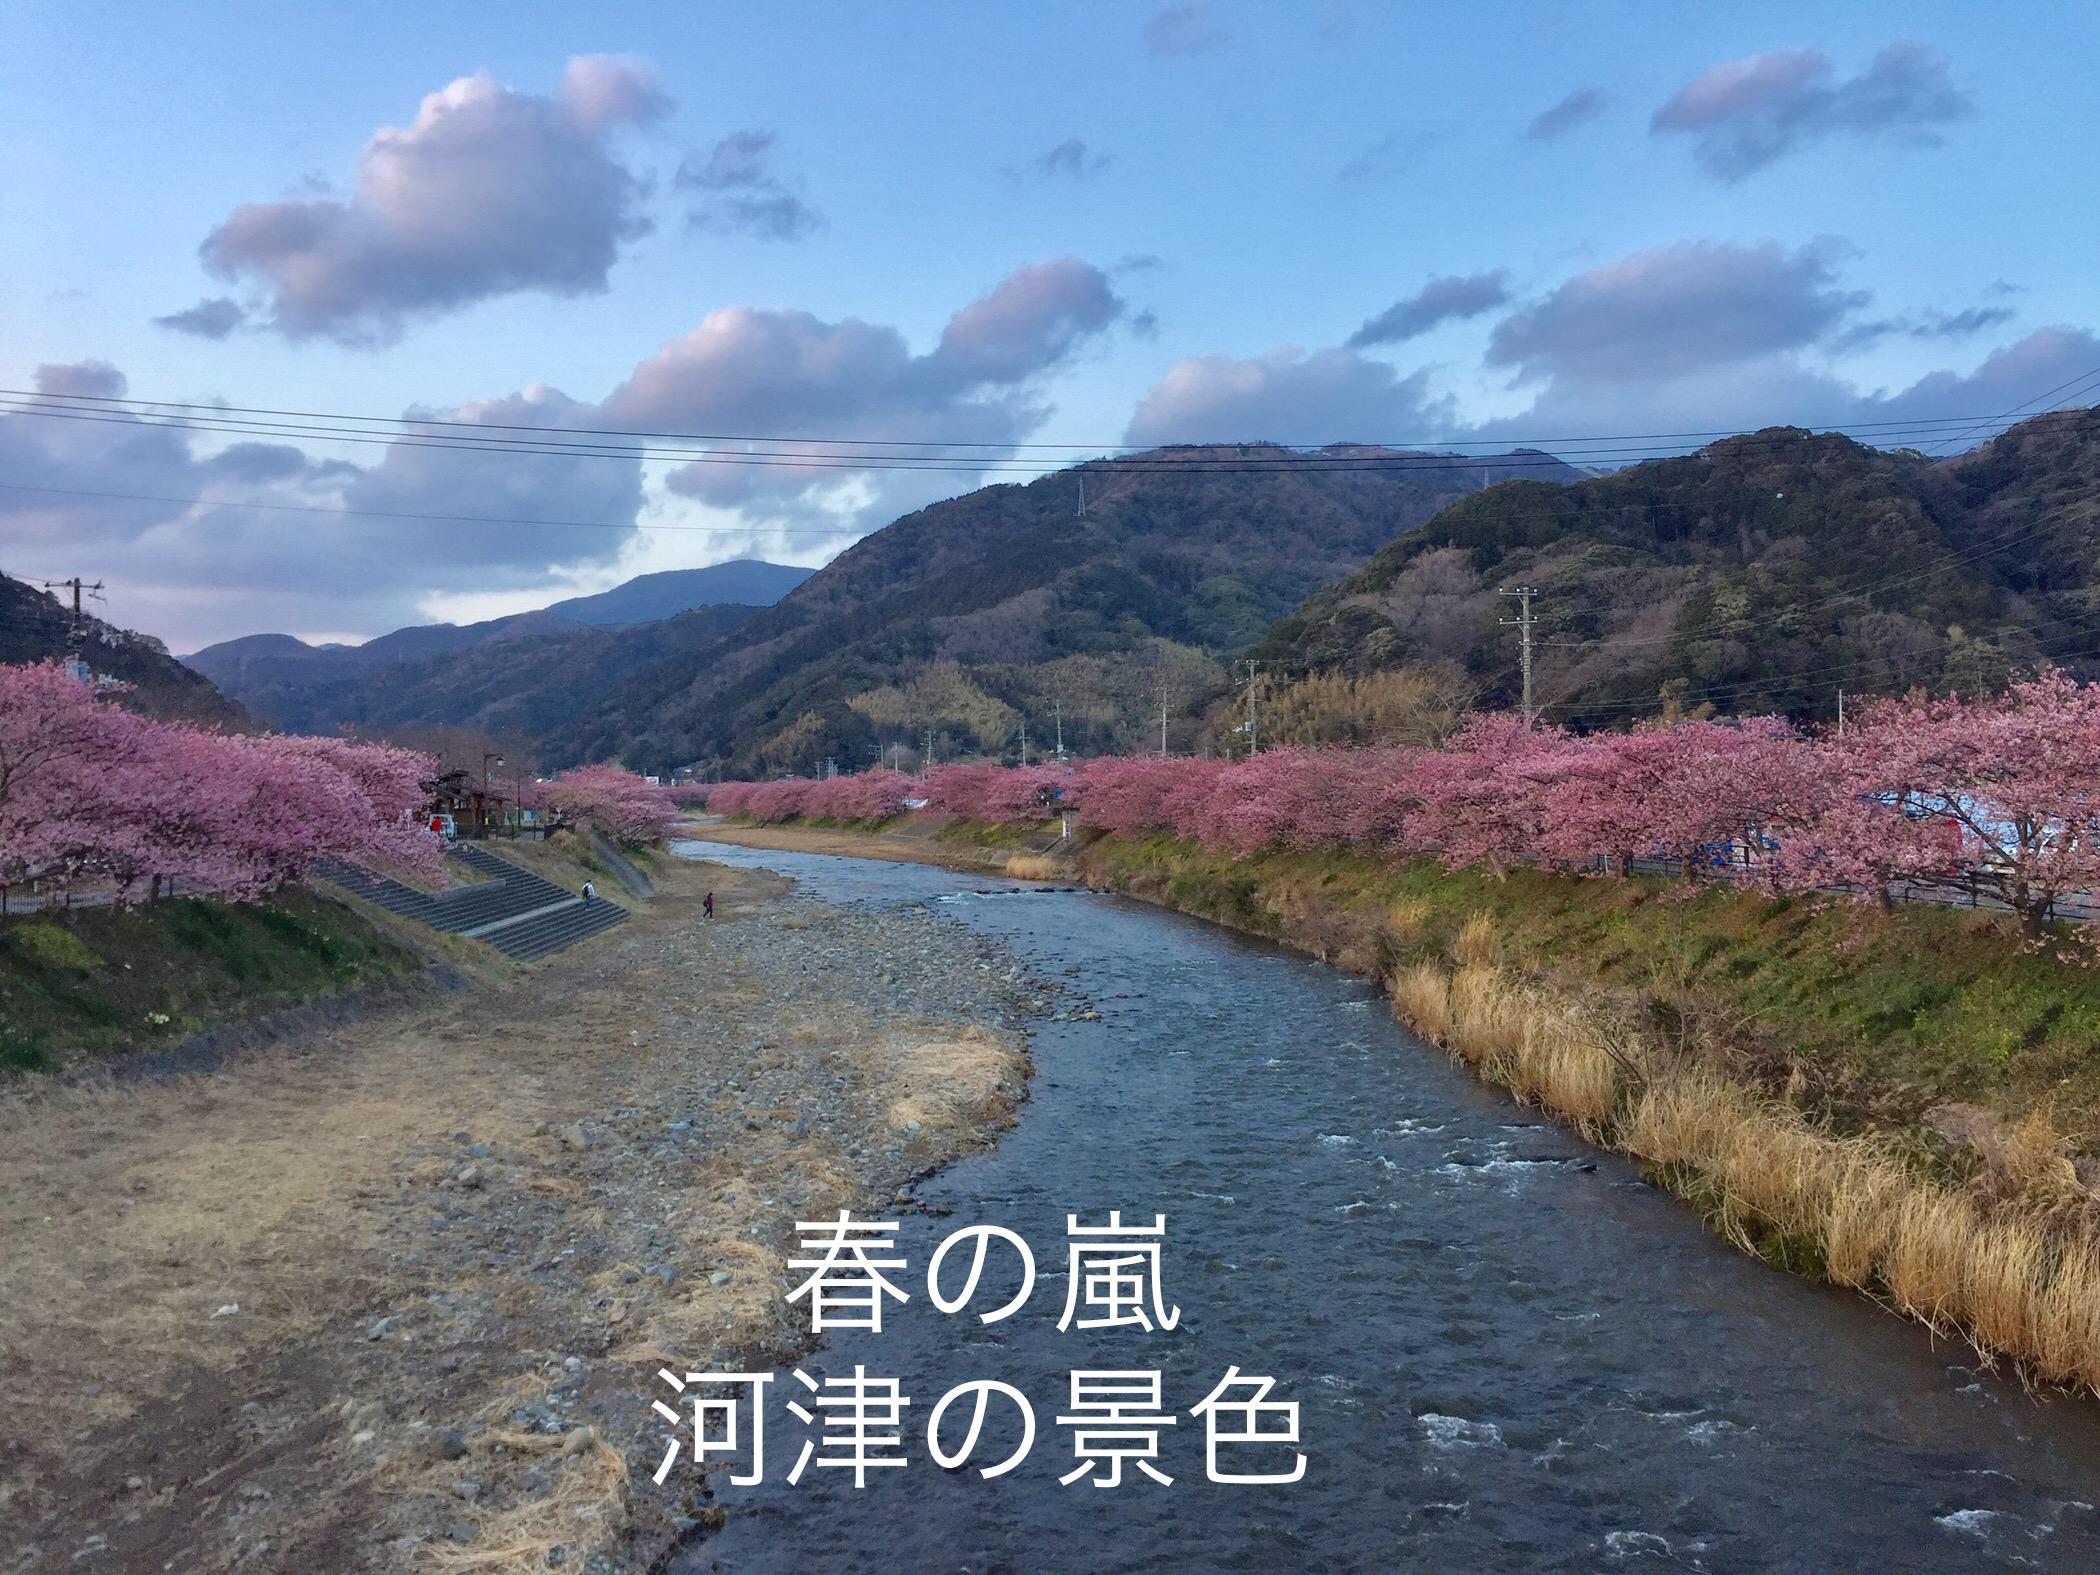 今年の河津桜の見頃は?&スッキリ!取材で知ったこと